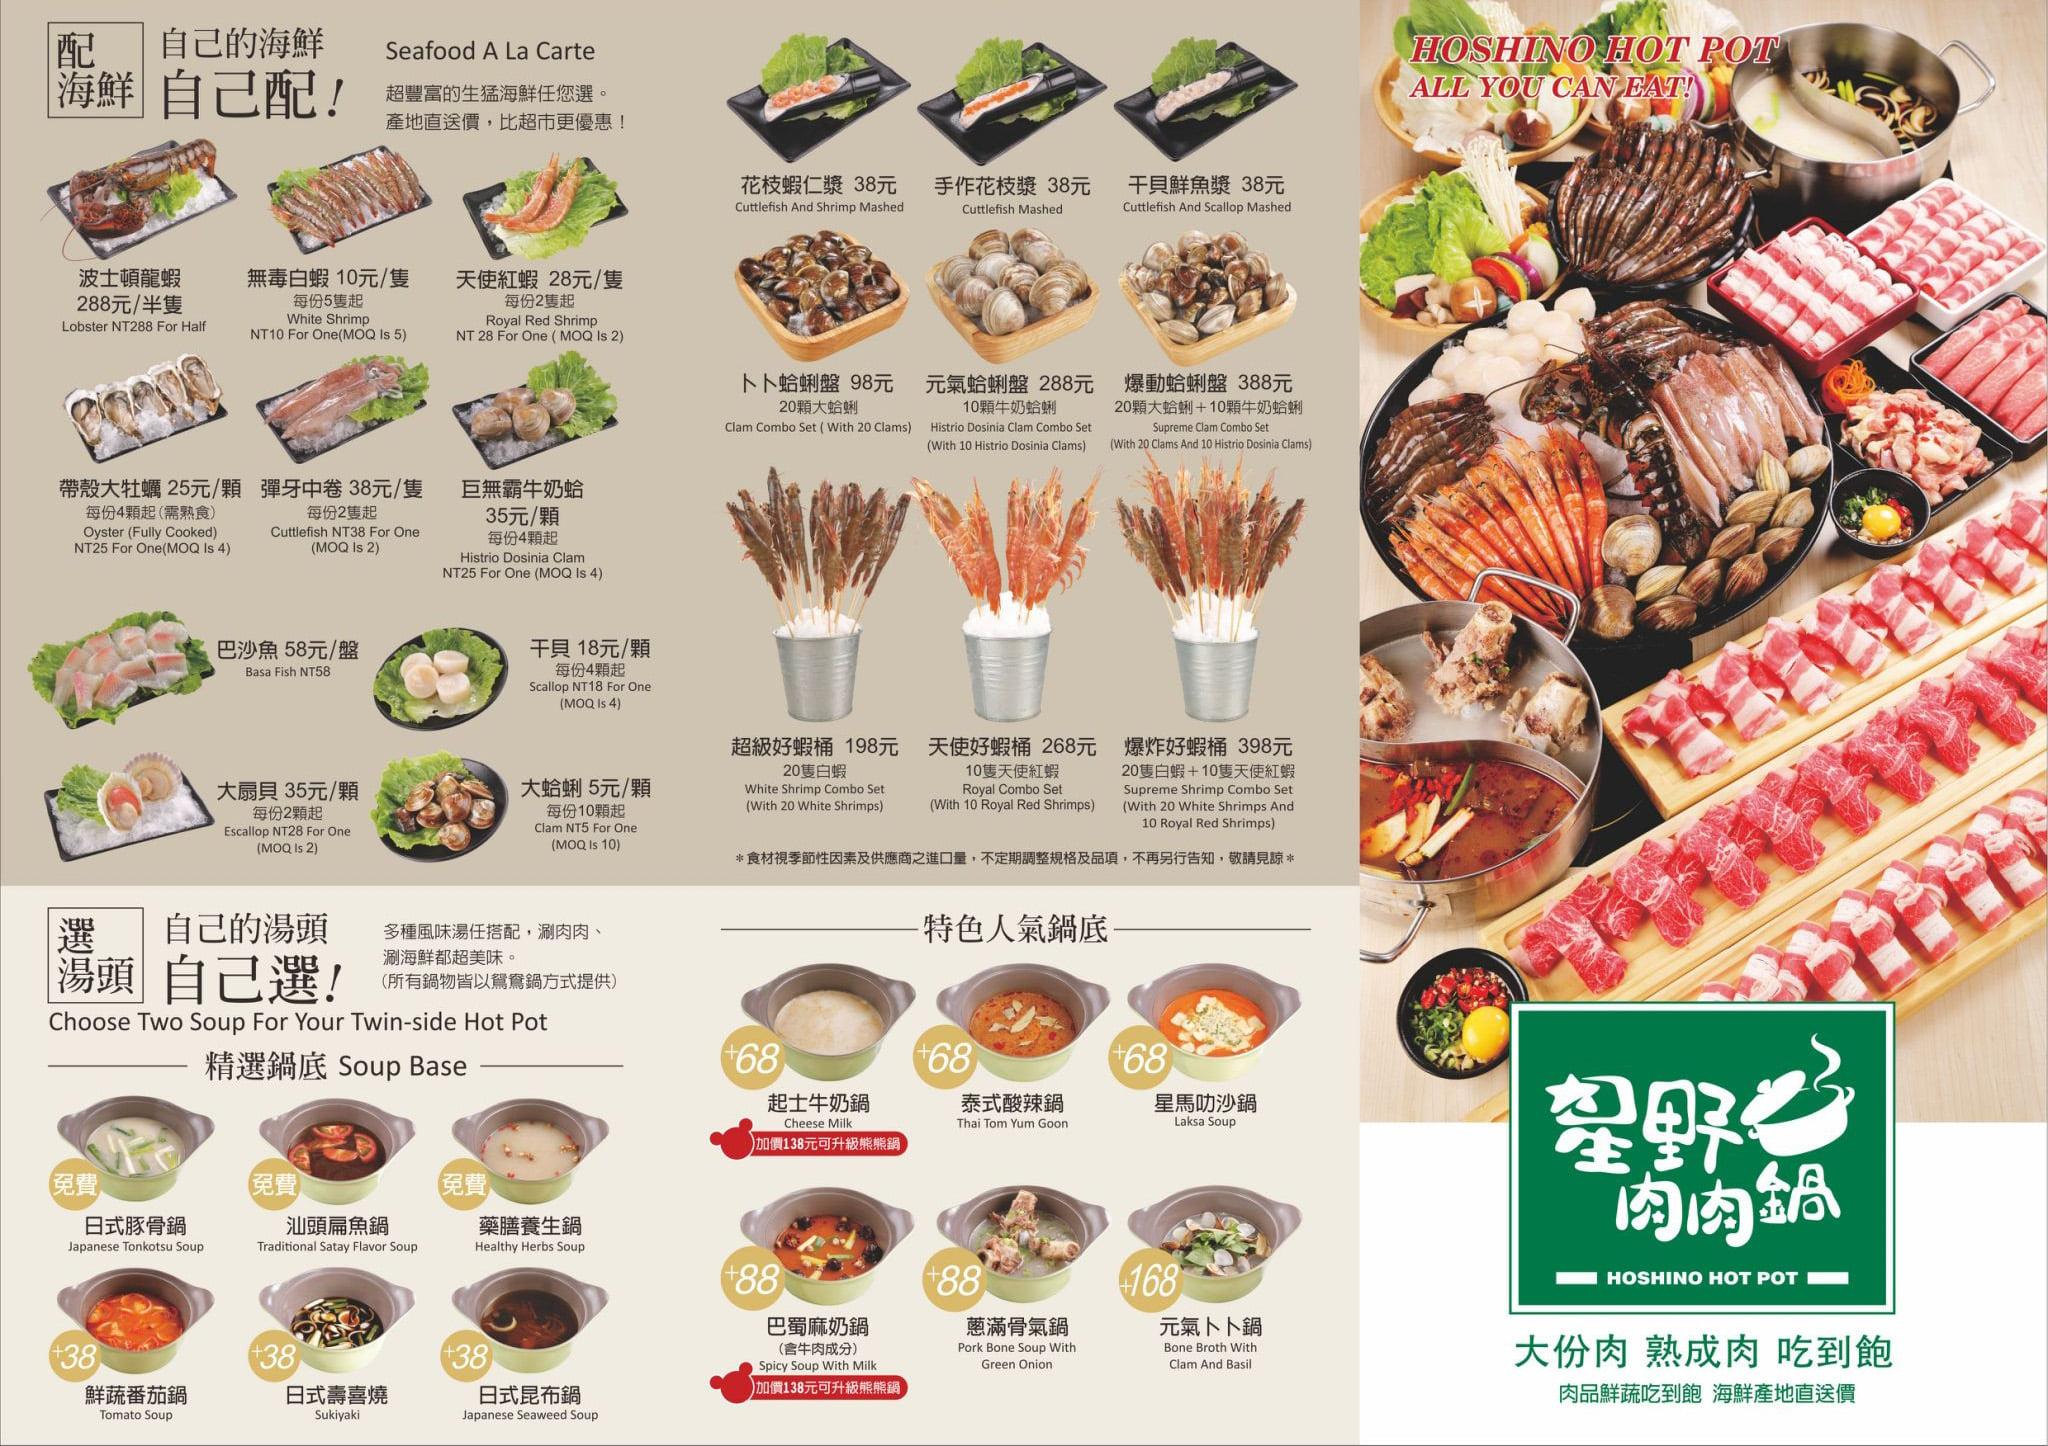 星野肉肉鍋菜單MENU